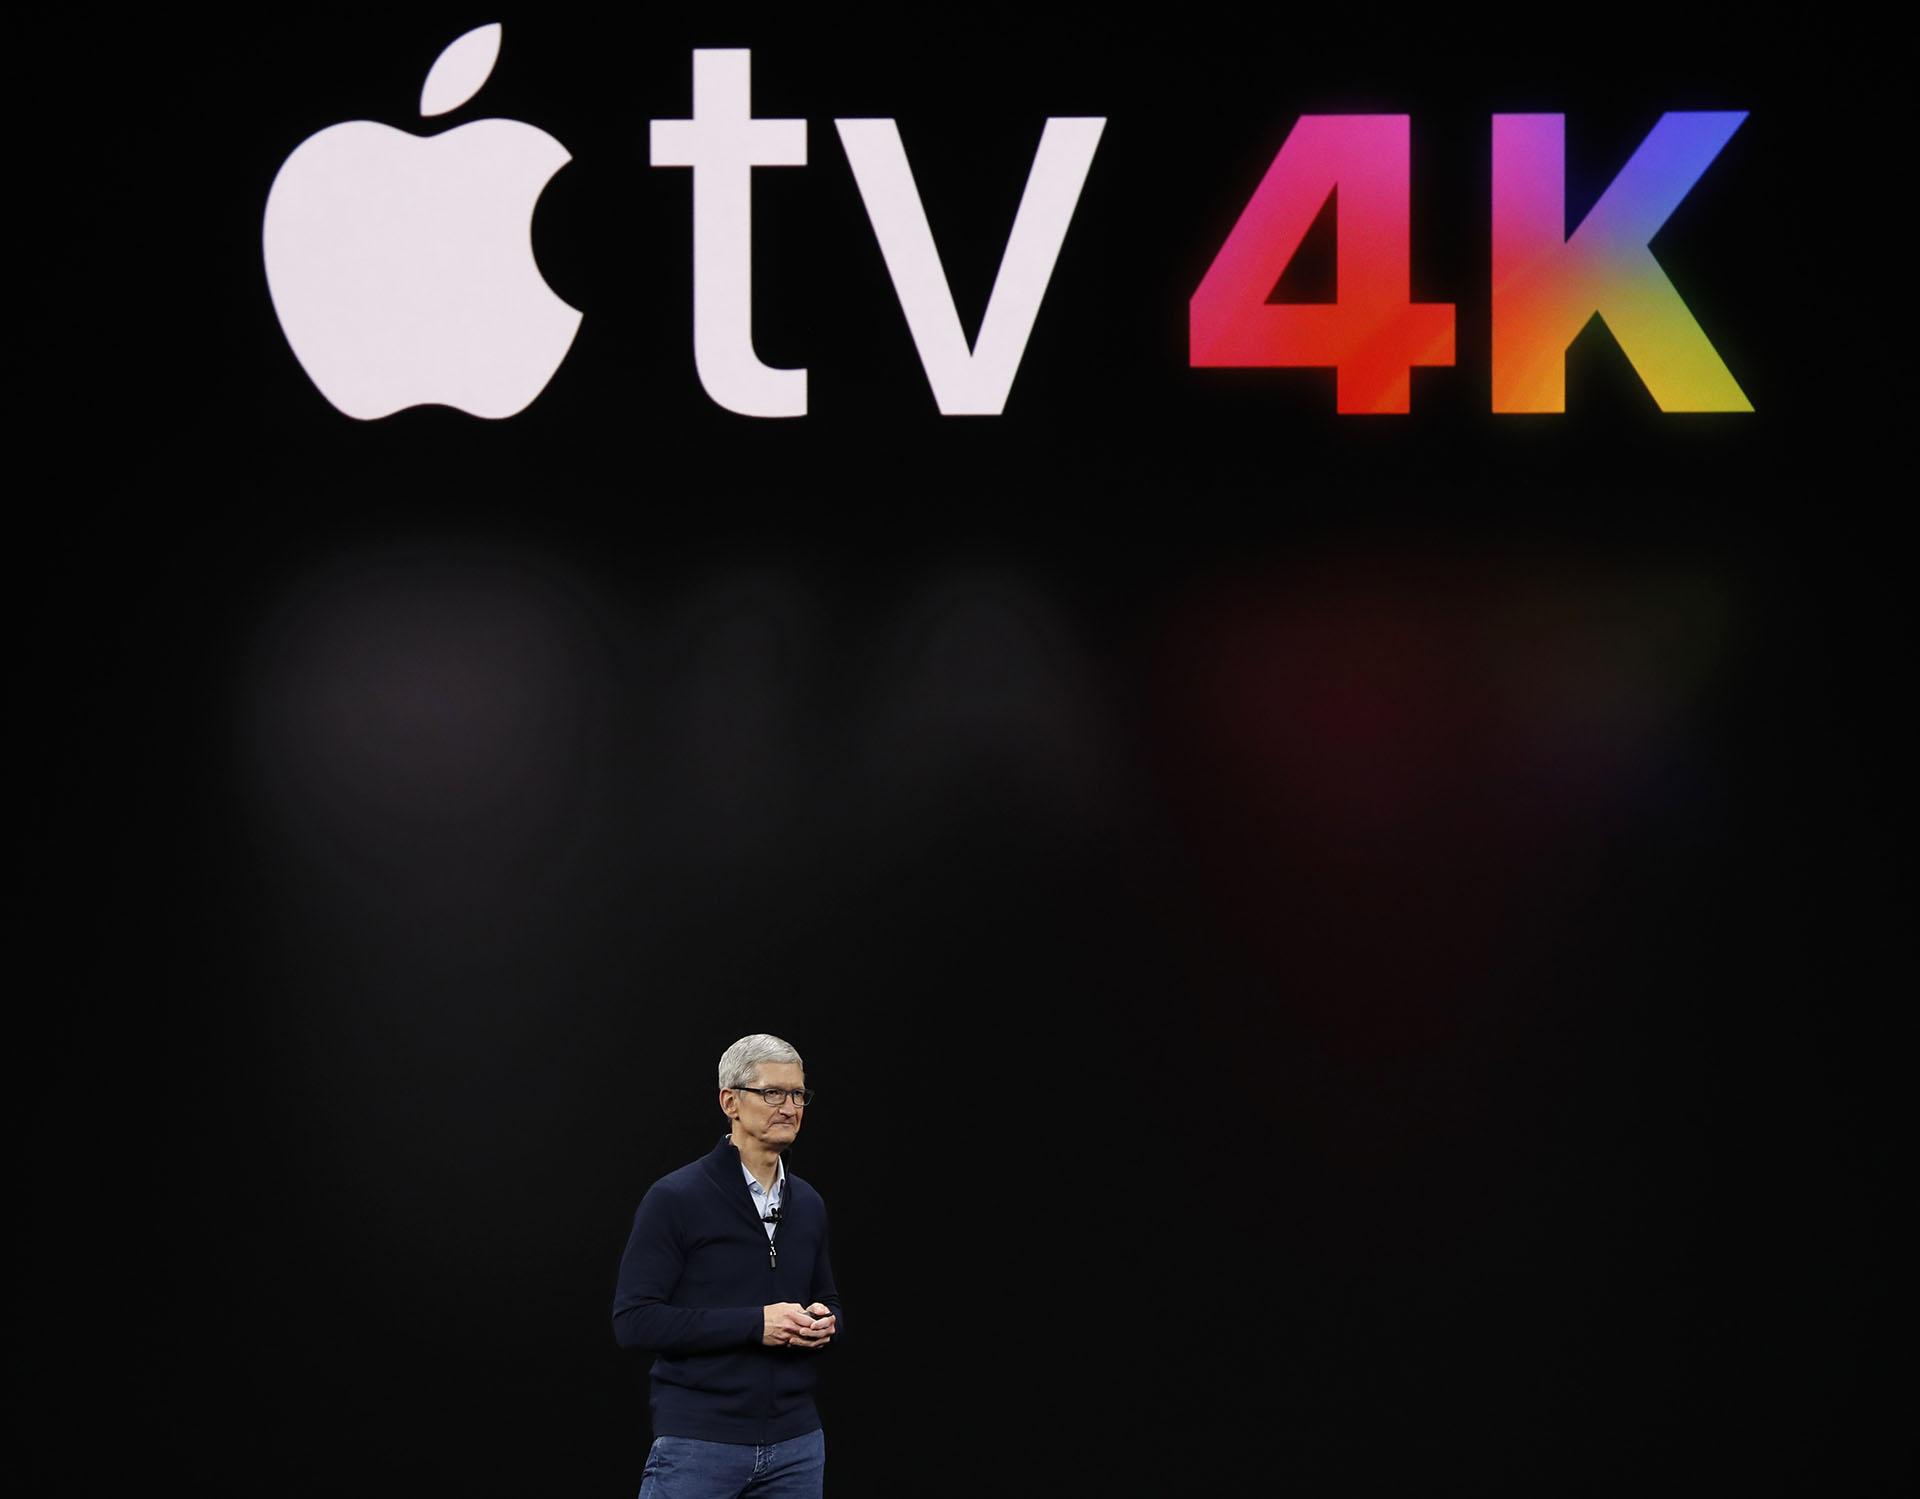 Tim Cook, el CEO de Apple, presentó la evolución de su receptor televisivoAppleTV, que contará con resolución 4K y tecnología HDR